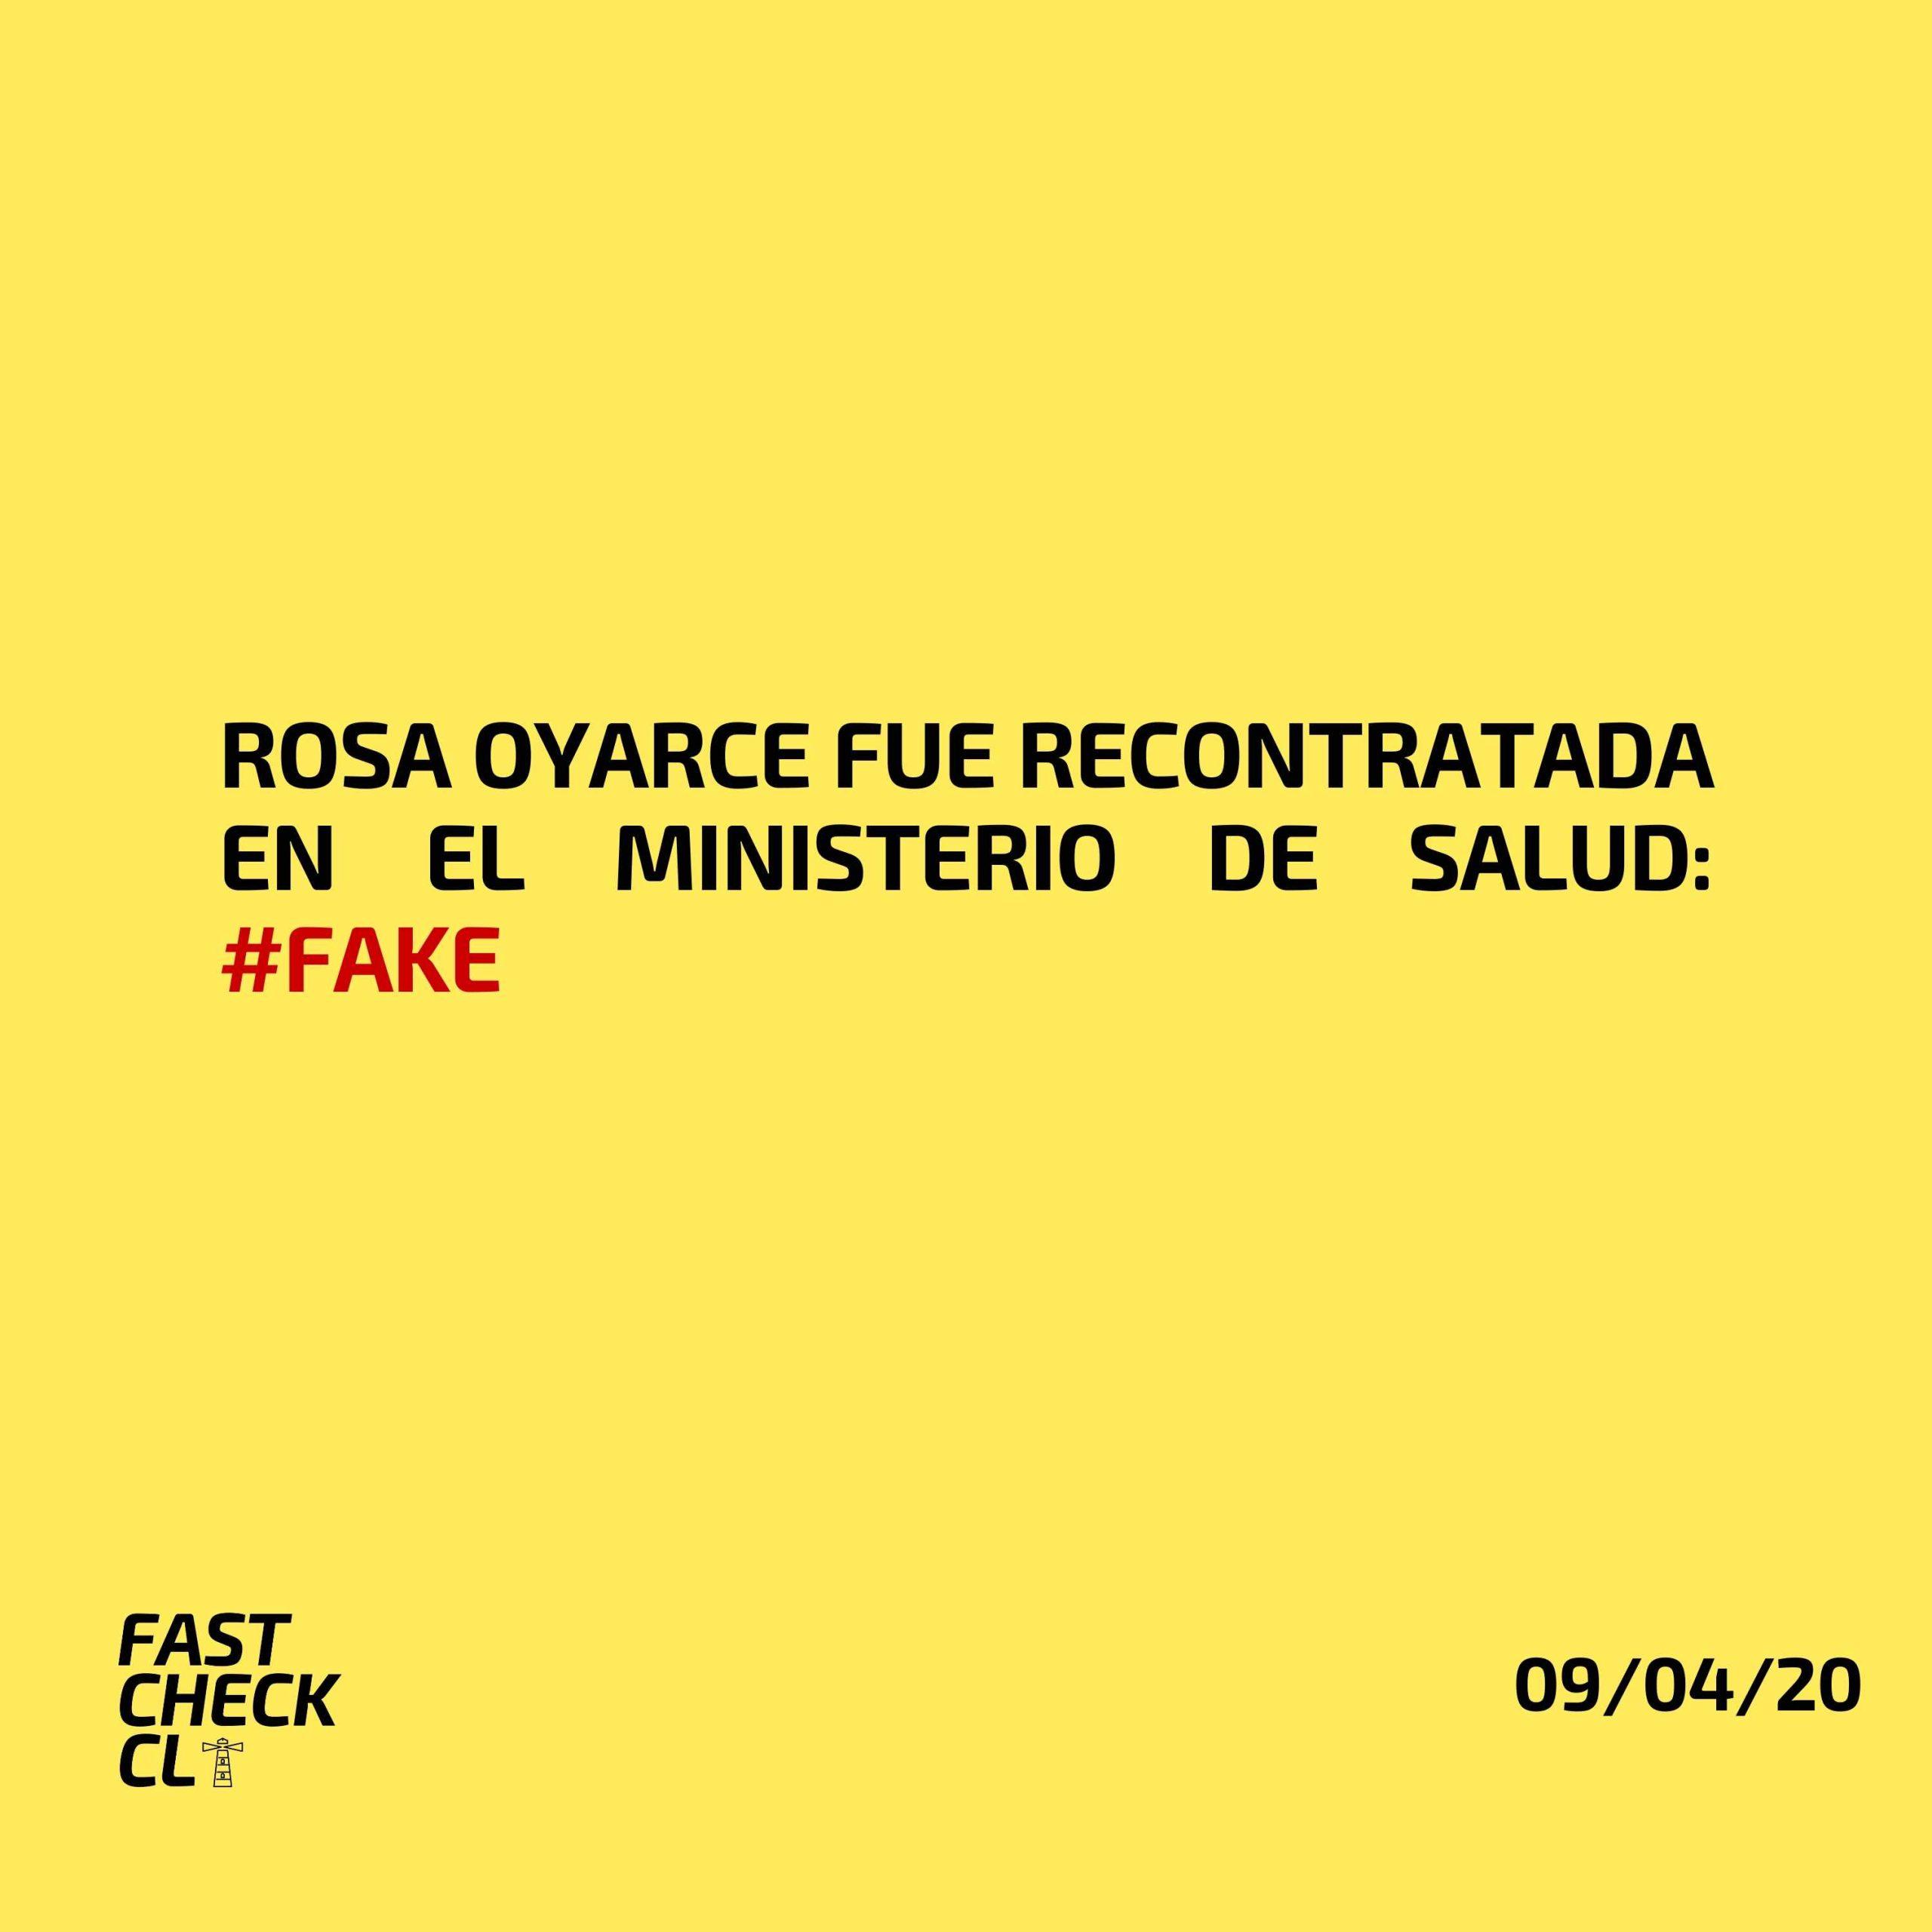 Rosa Oyarce fue recontratada en el Ministerio de Salud: #Fake